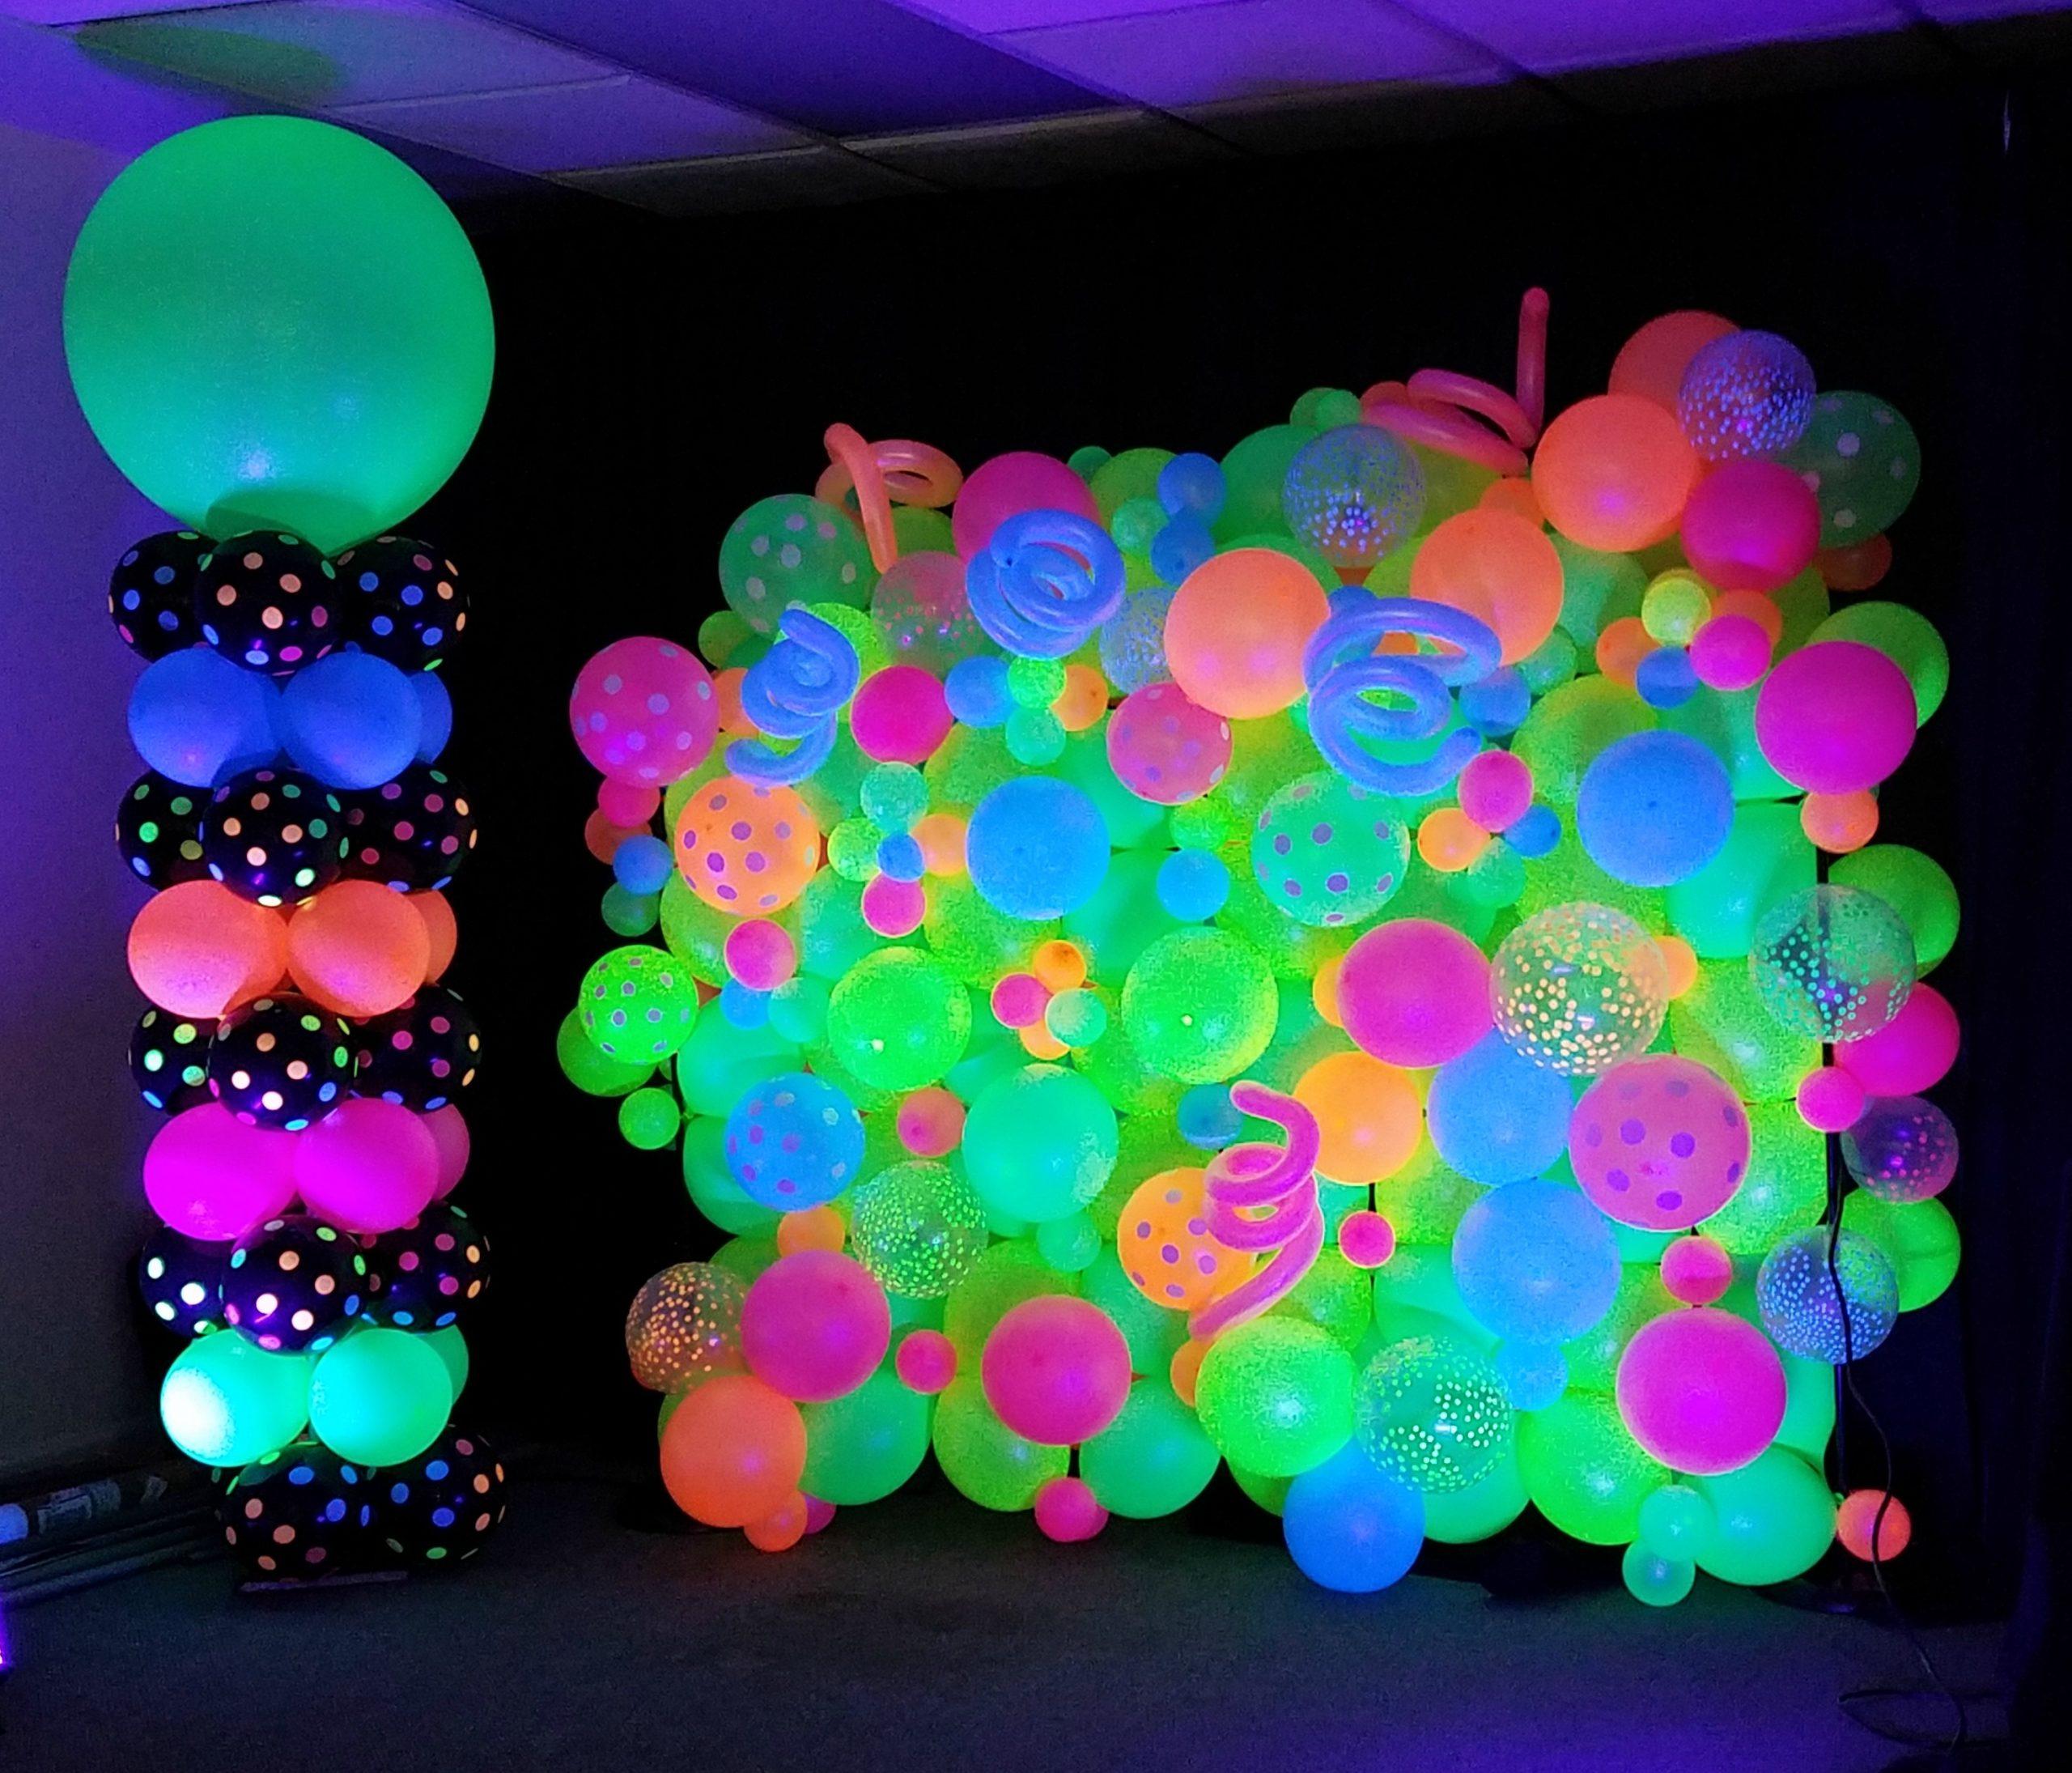 SAMMY J Balloon Creations st louis balloons neon wall